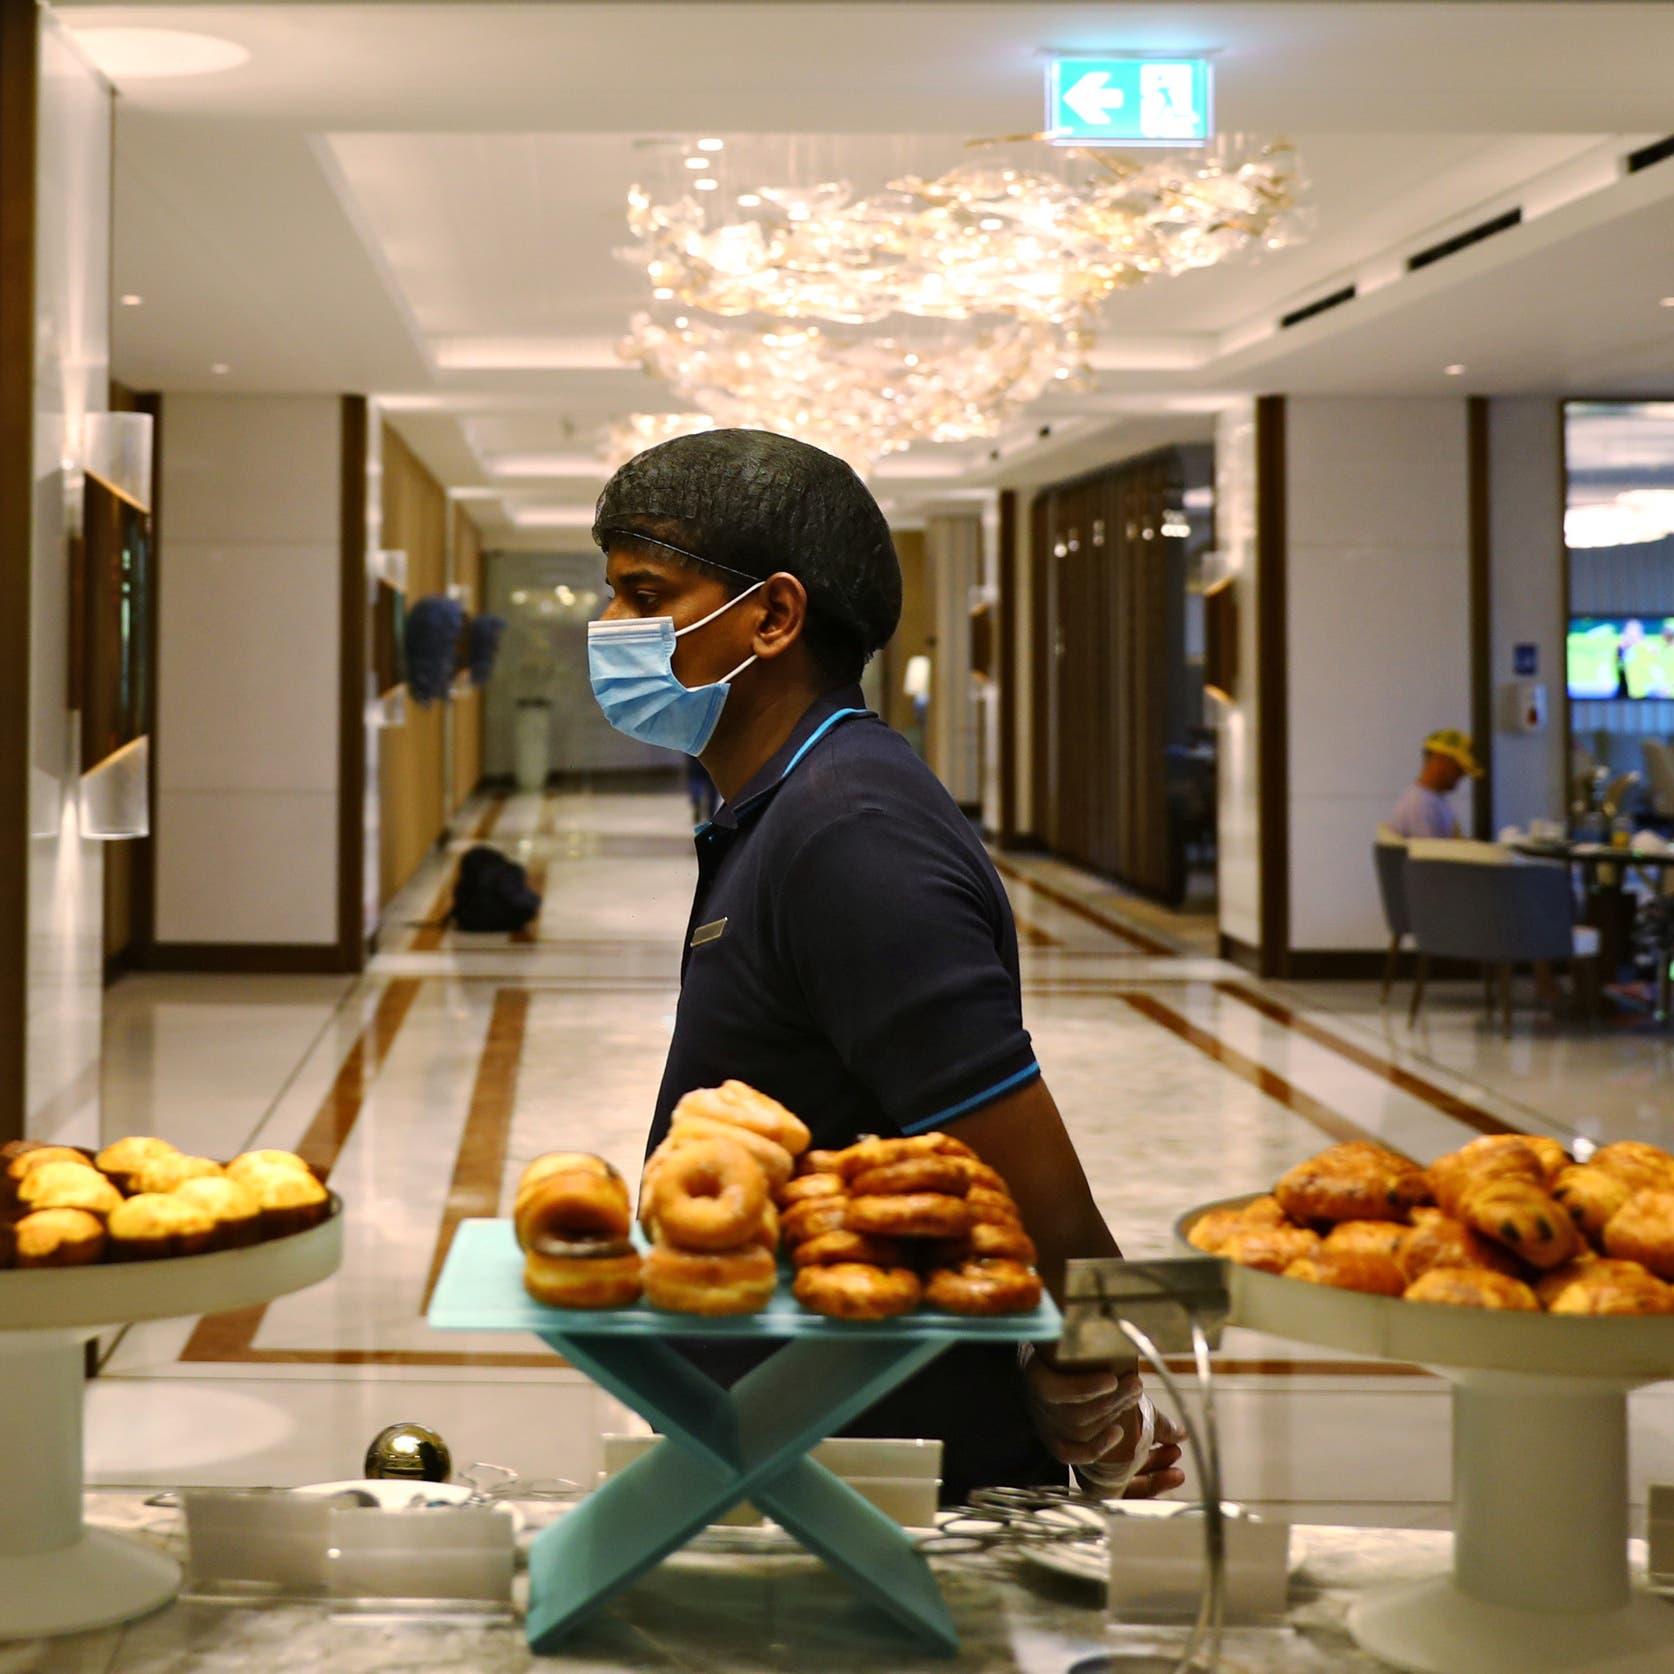 التزاماً بالإجراءات.. تشدد في مراقبة المنشآت السياحية في دبي